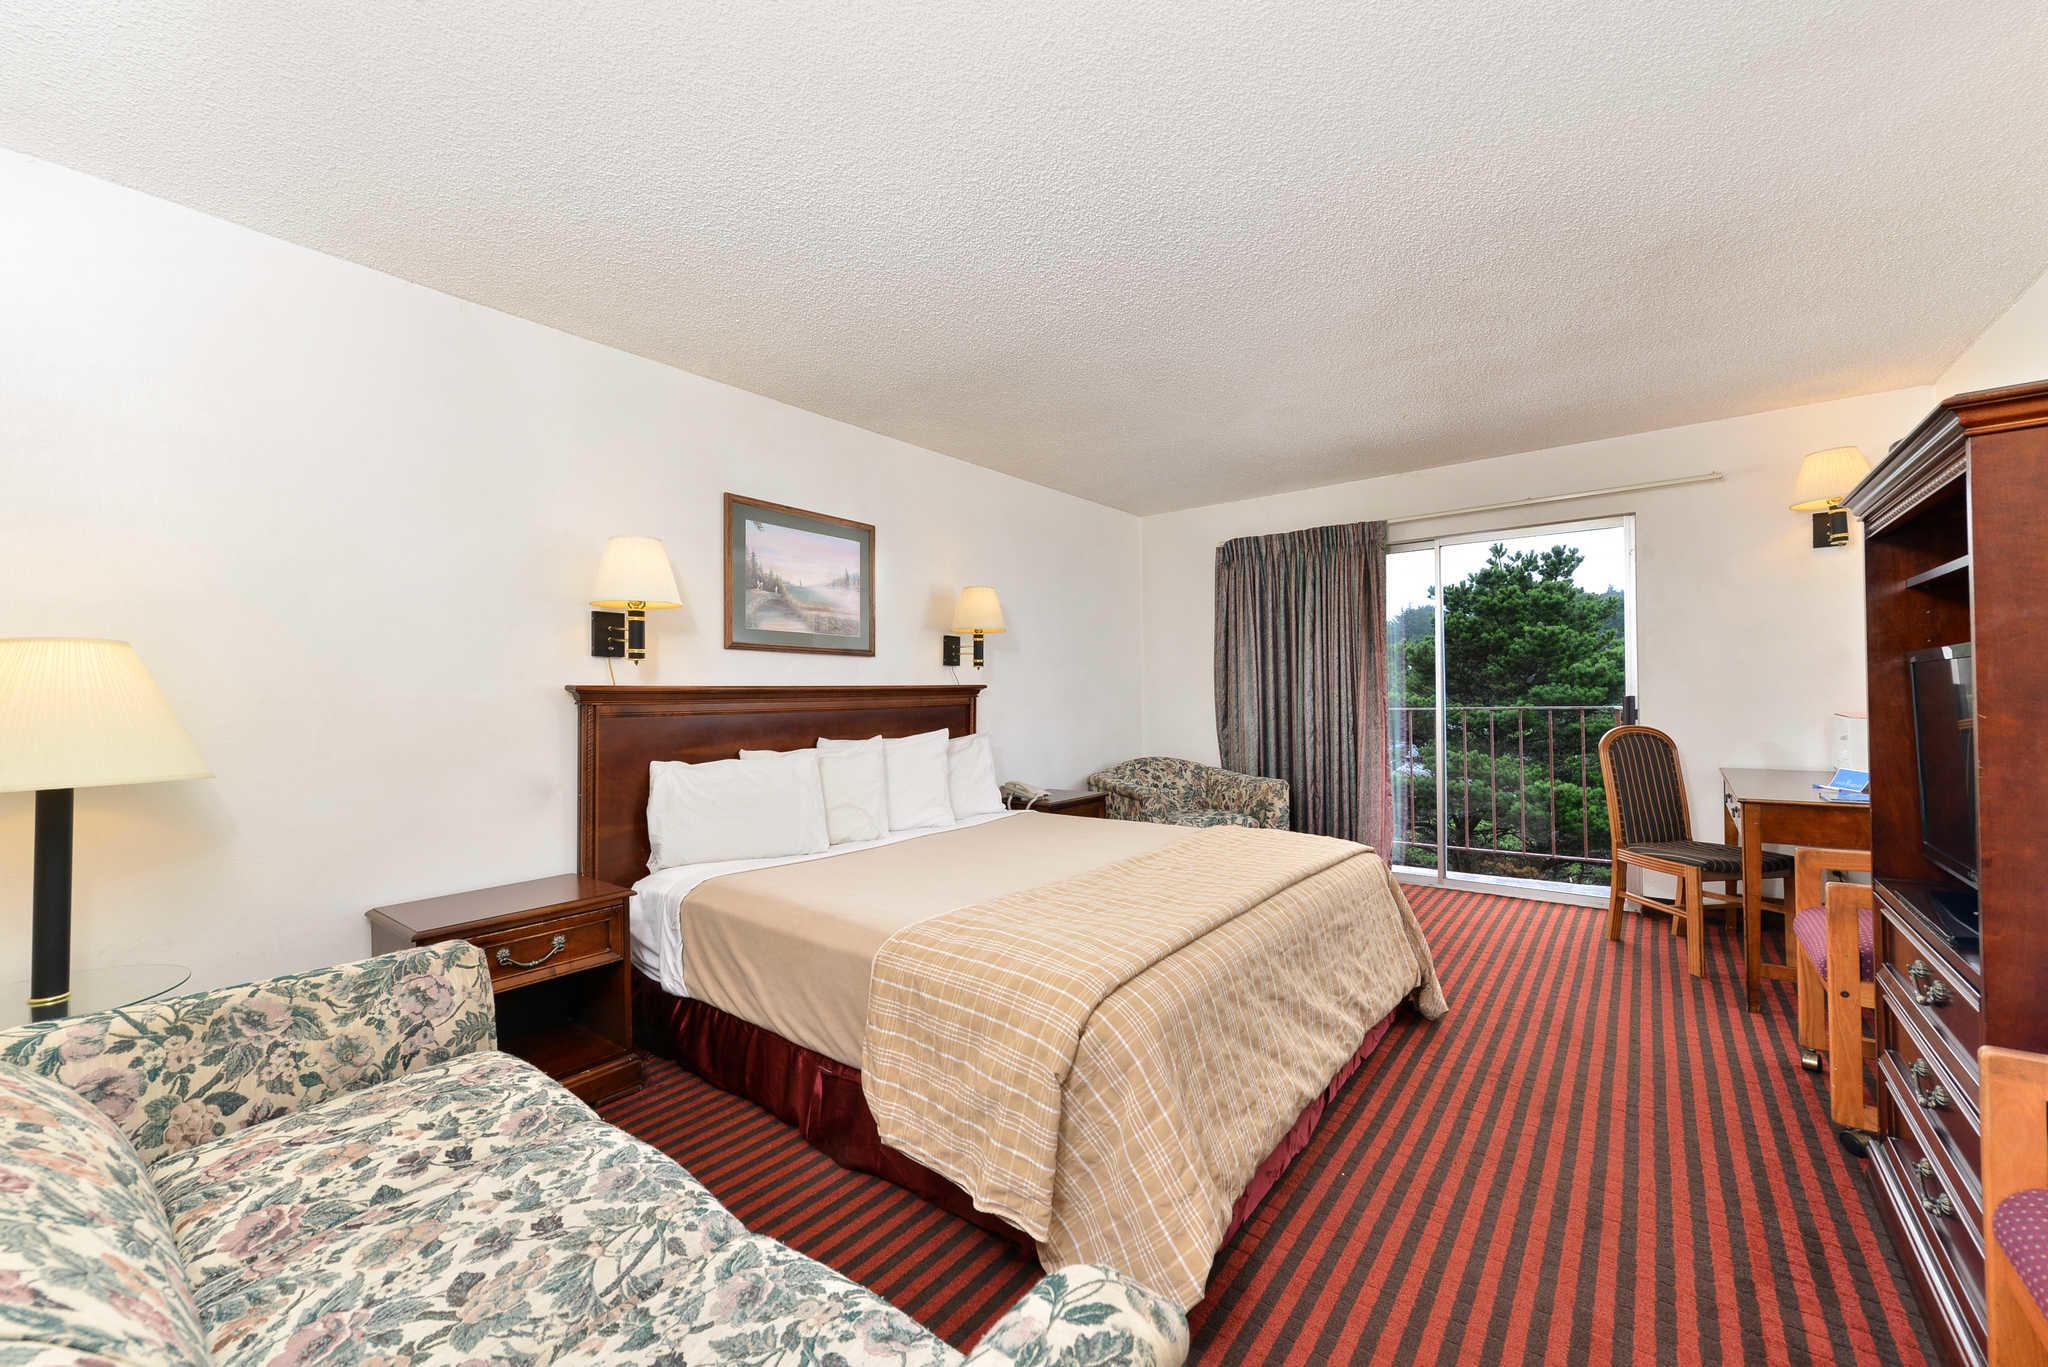 Rodeway Inn & Suites - Closed image 19